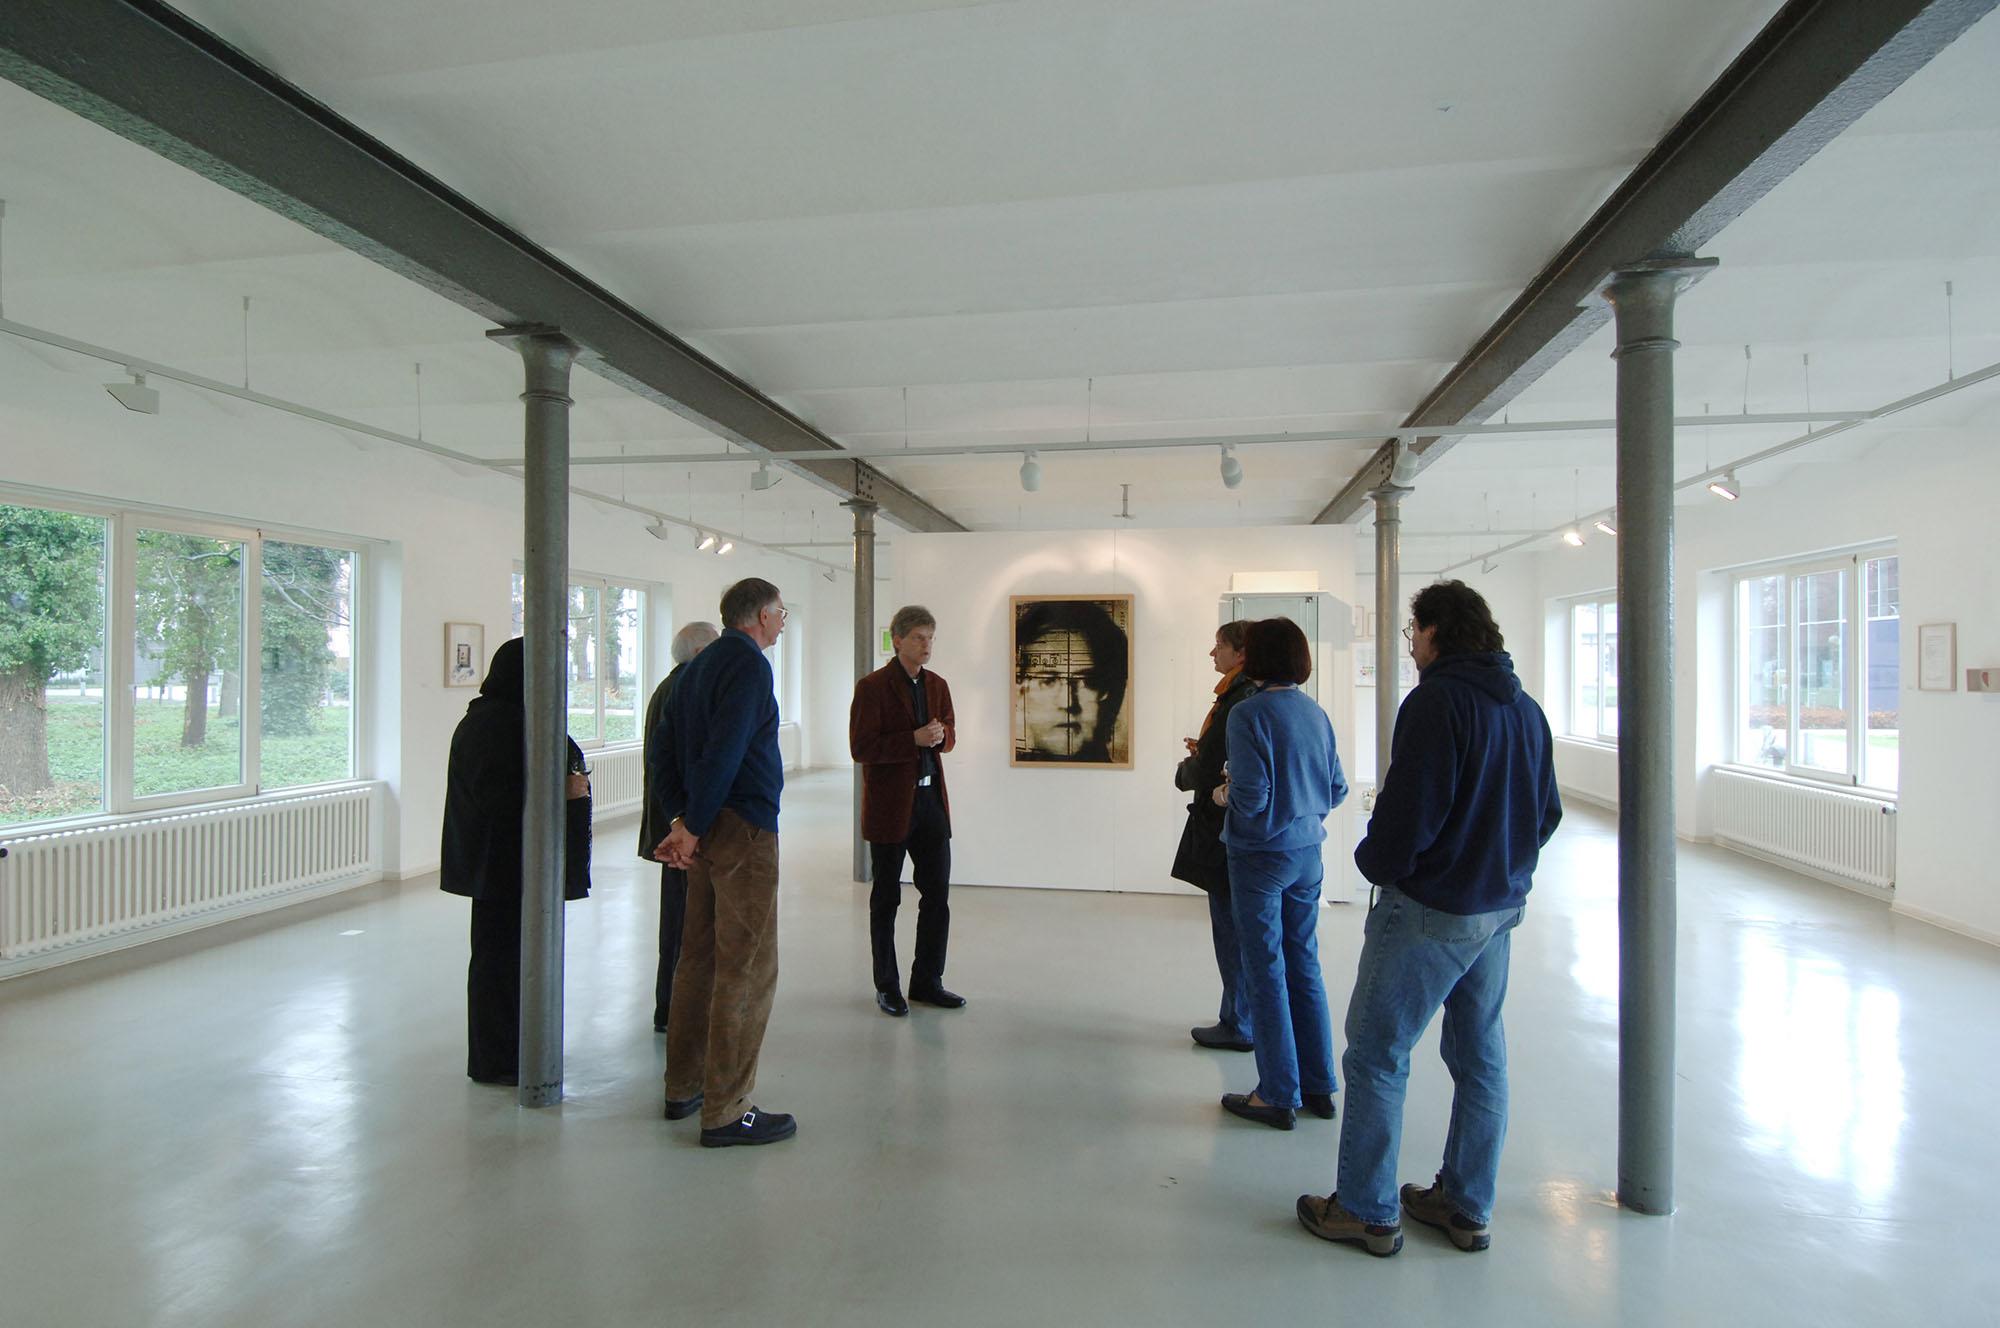 Eine Innenaufnahme der Galerie im Park. Ein heller weißer Raum mit dunklen Holzbalken und einer Gruppe Besucher.